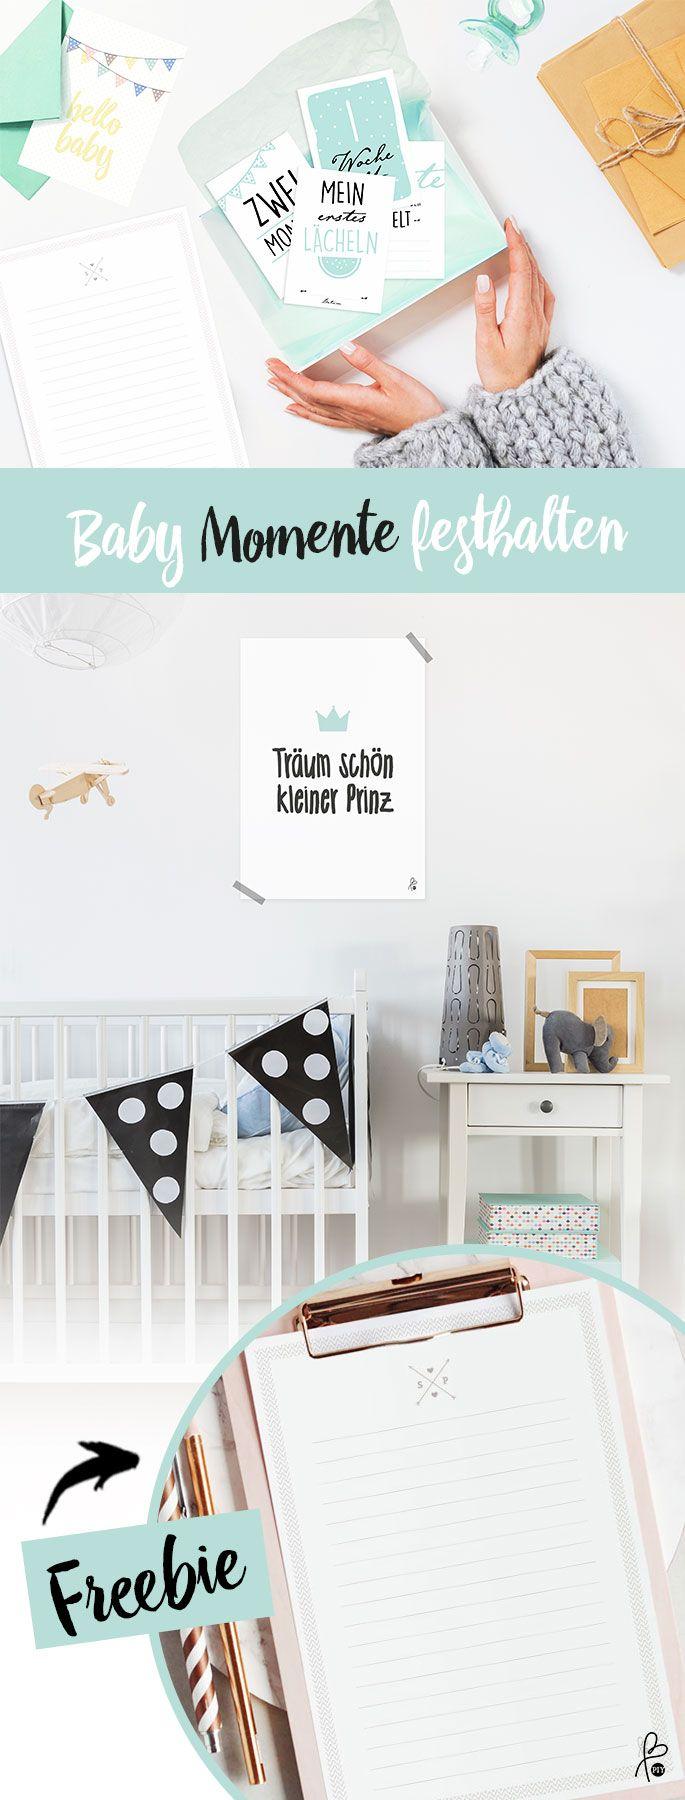 Baby Momente festhelten: Archiviere deine Erinnerungen mit diesem tollen Baby Set: Meilensteinkarten, Poster, Muster etc. …